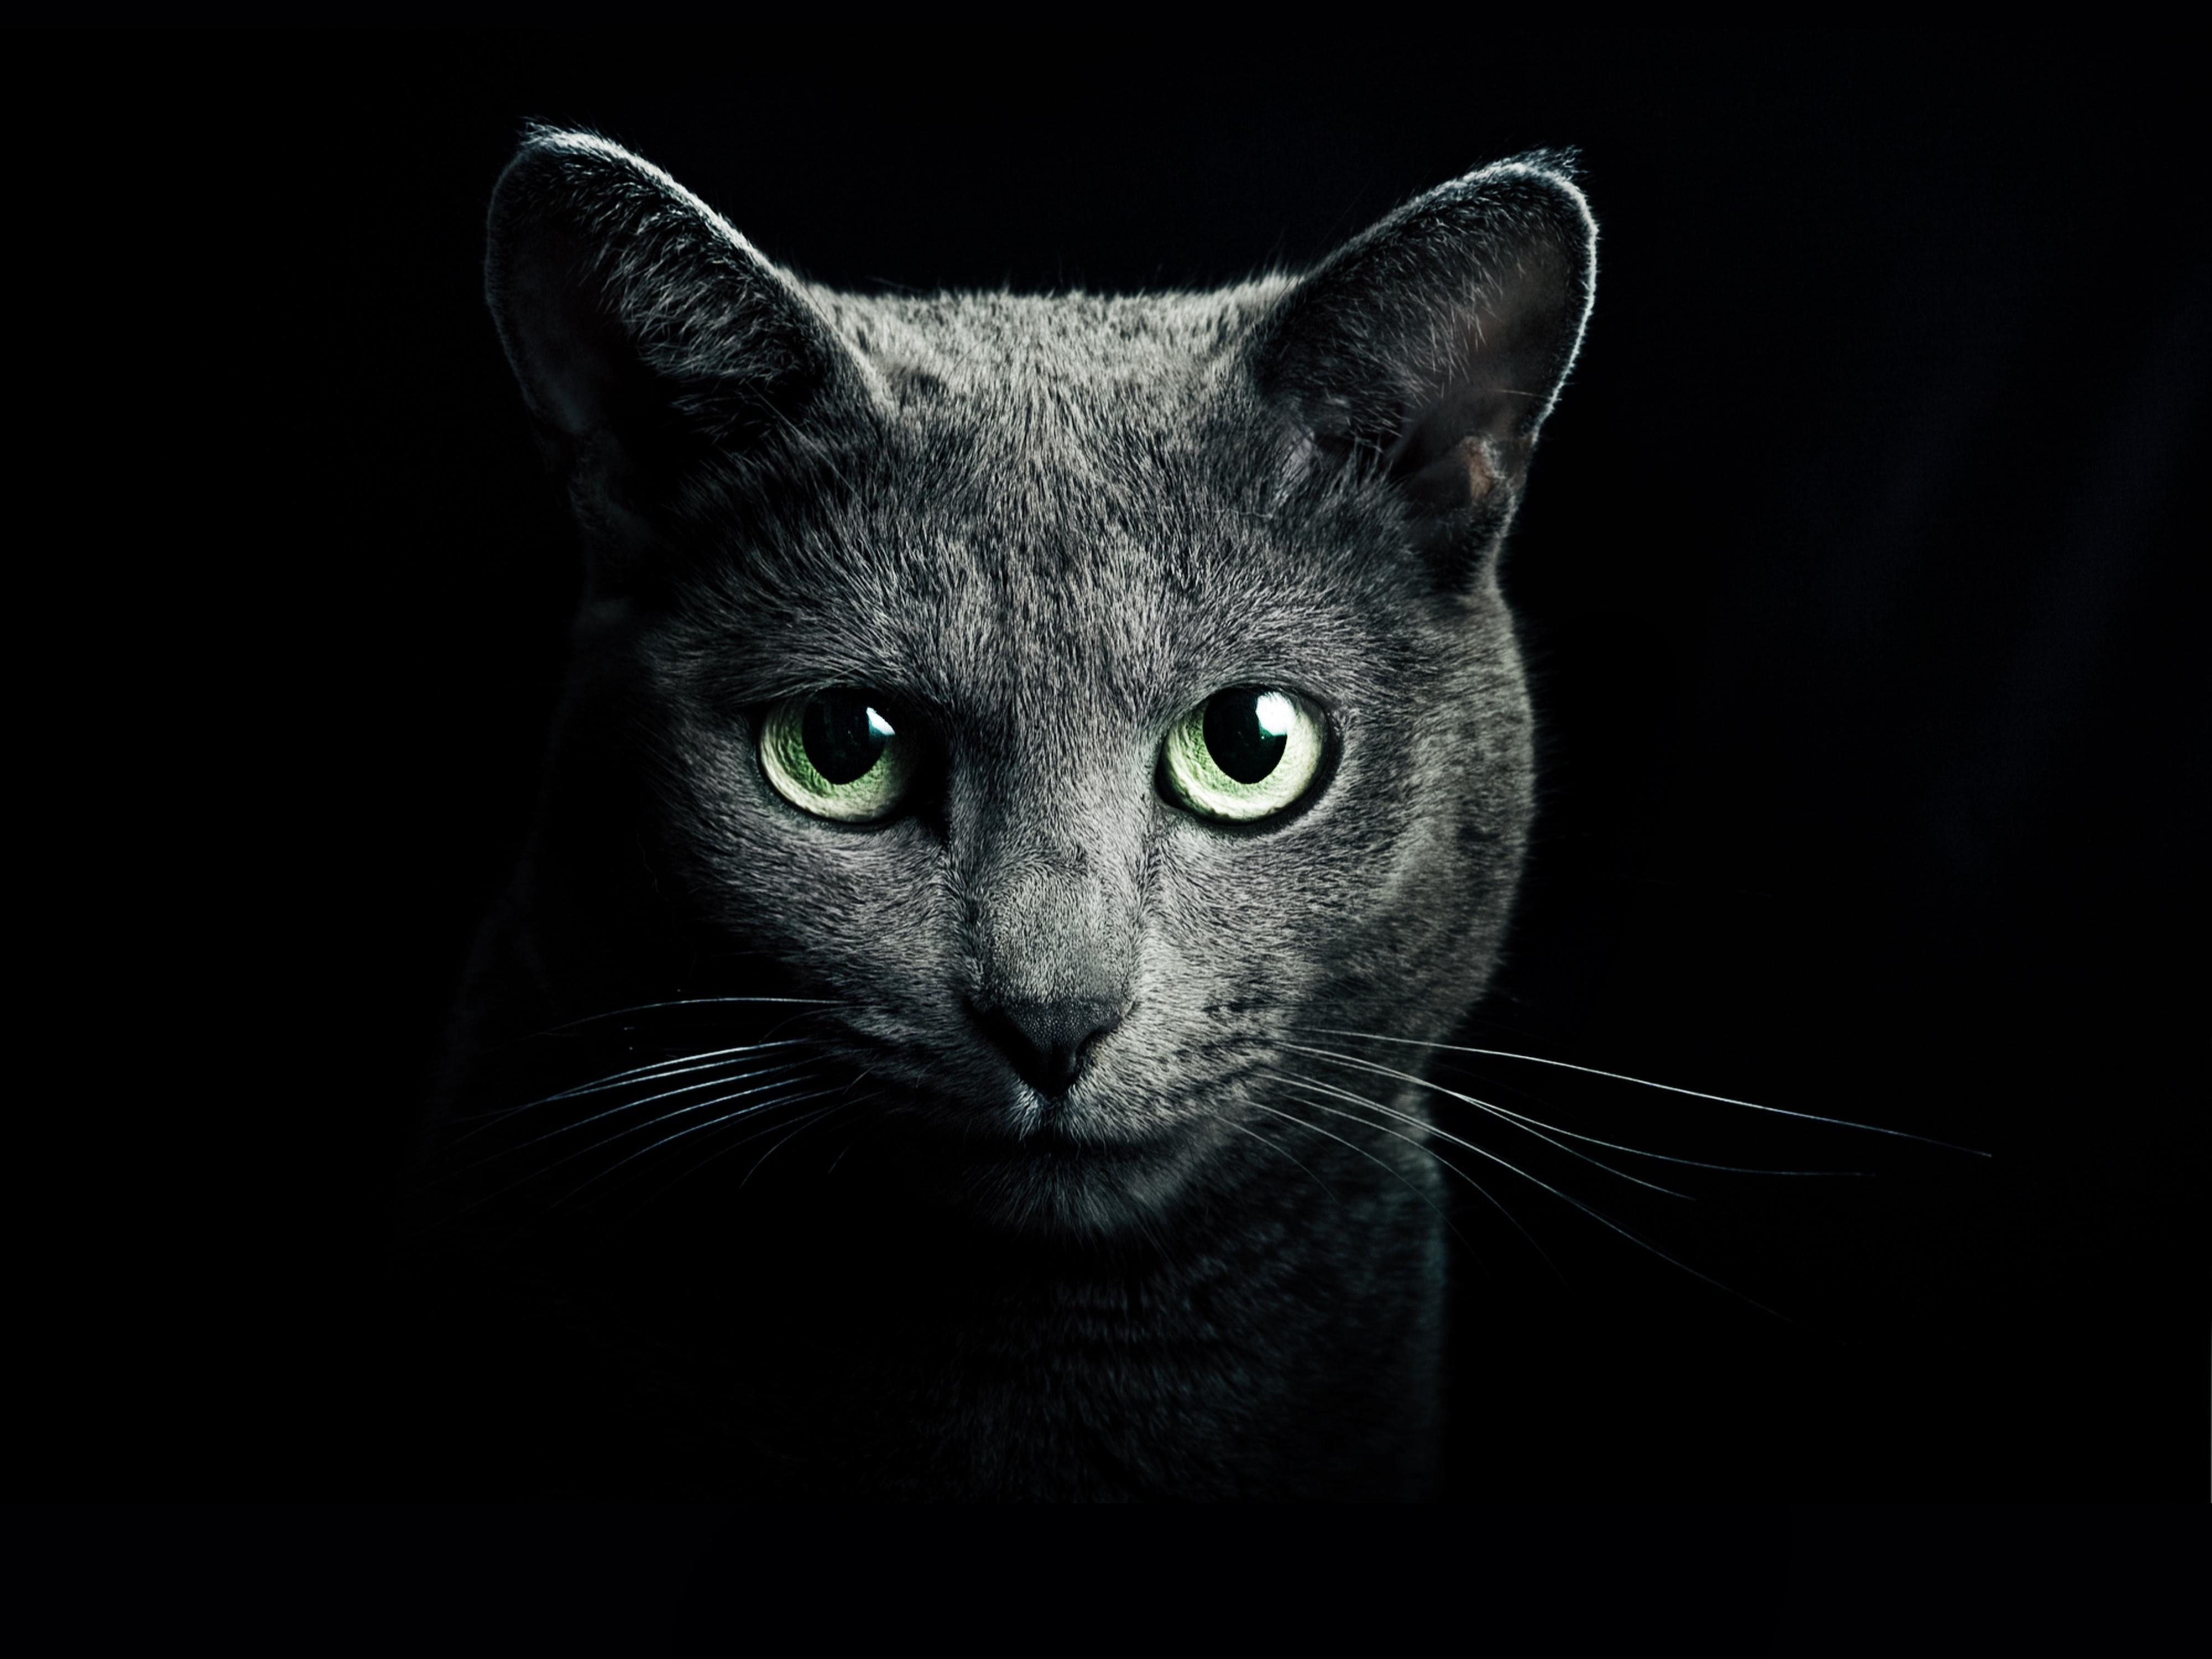 котенок дымчатый kitten smoky  № 2344506 бесплатно